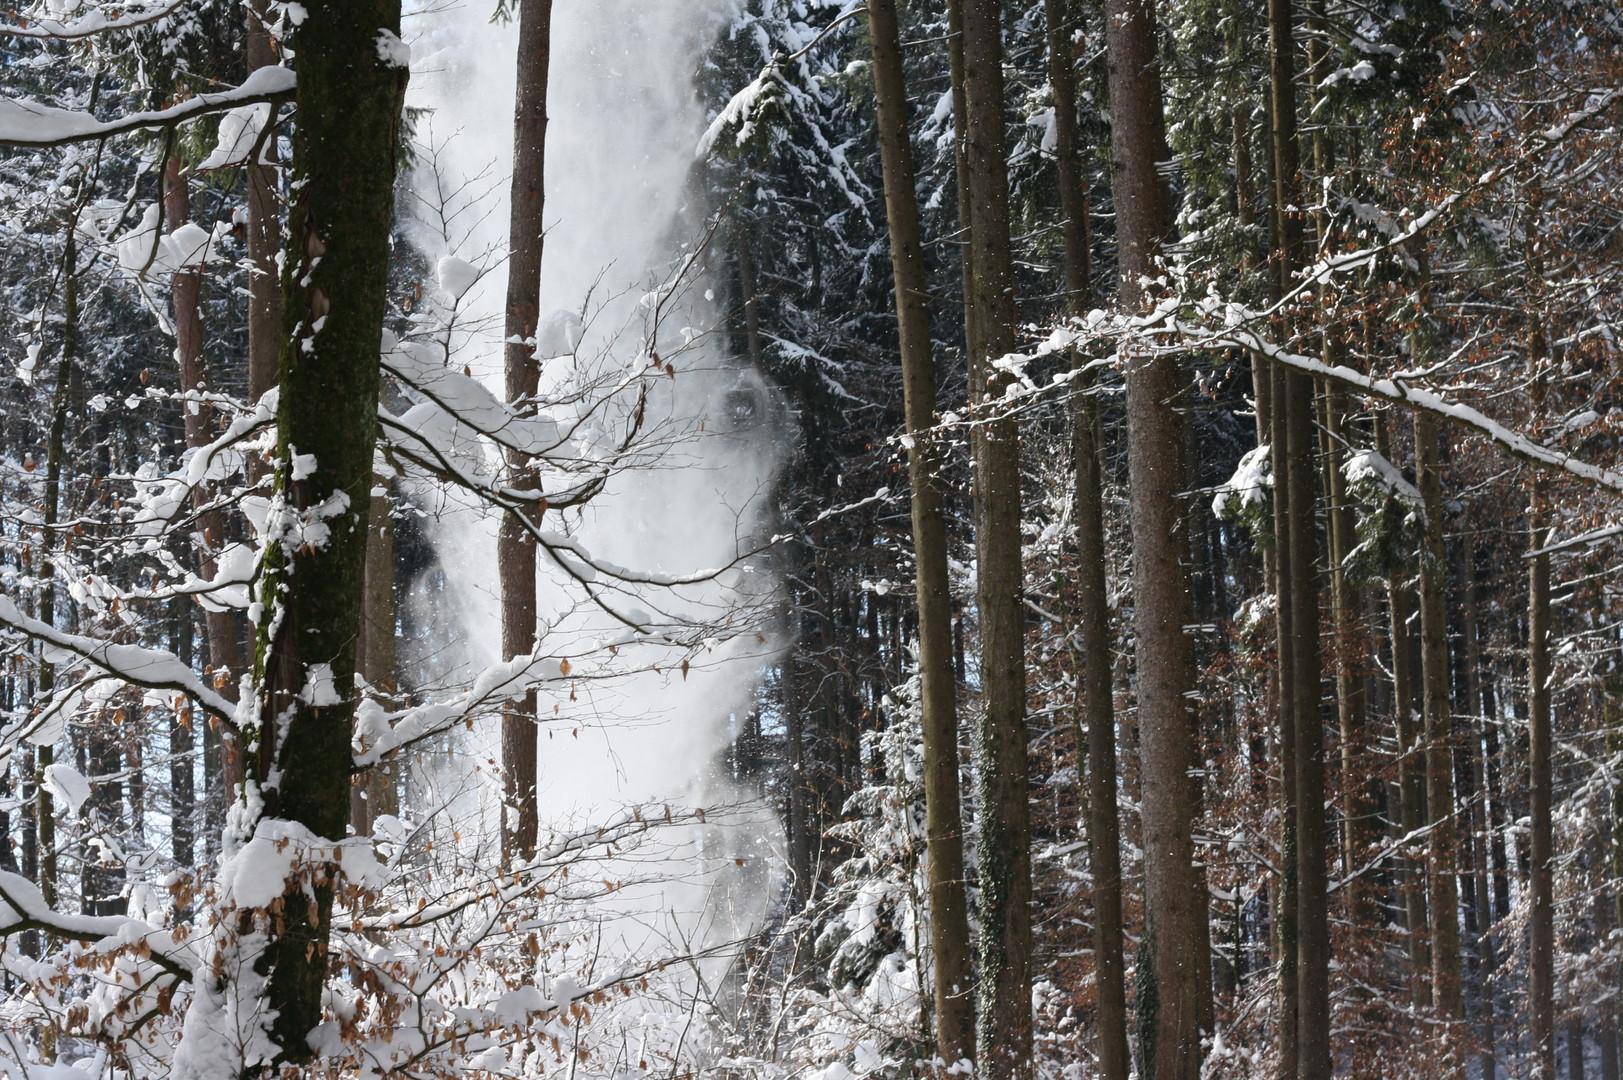 Schneefall im Wald 2